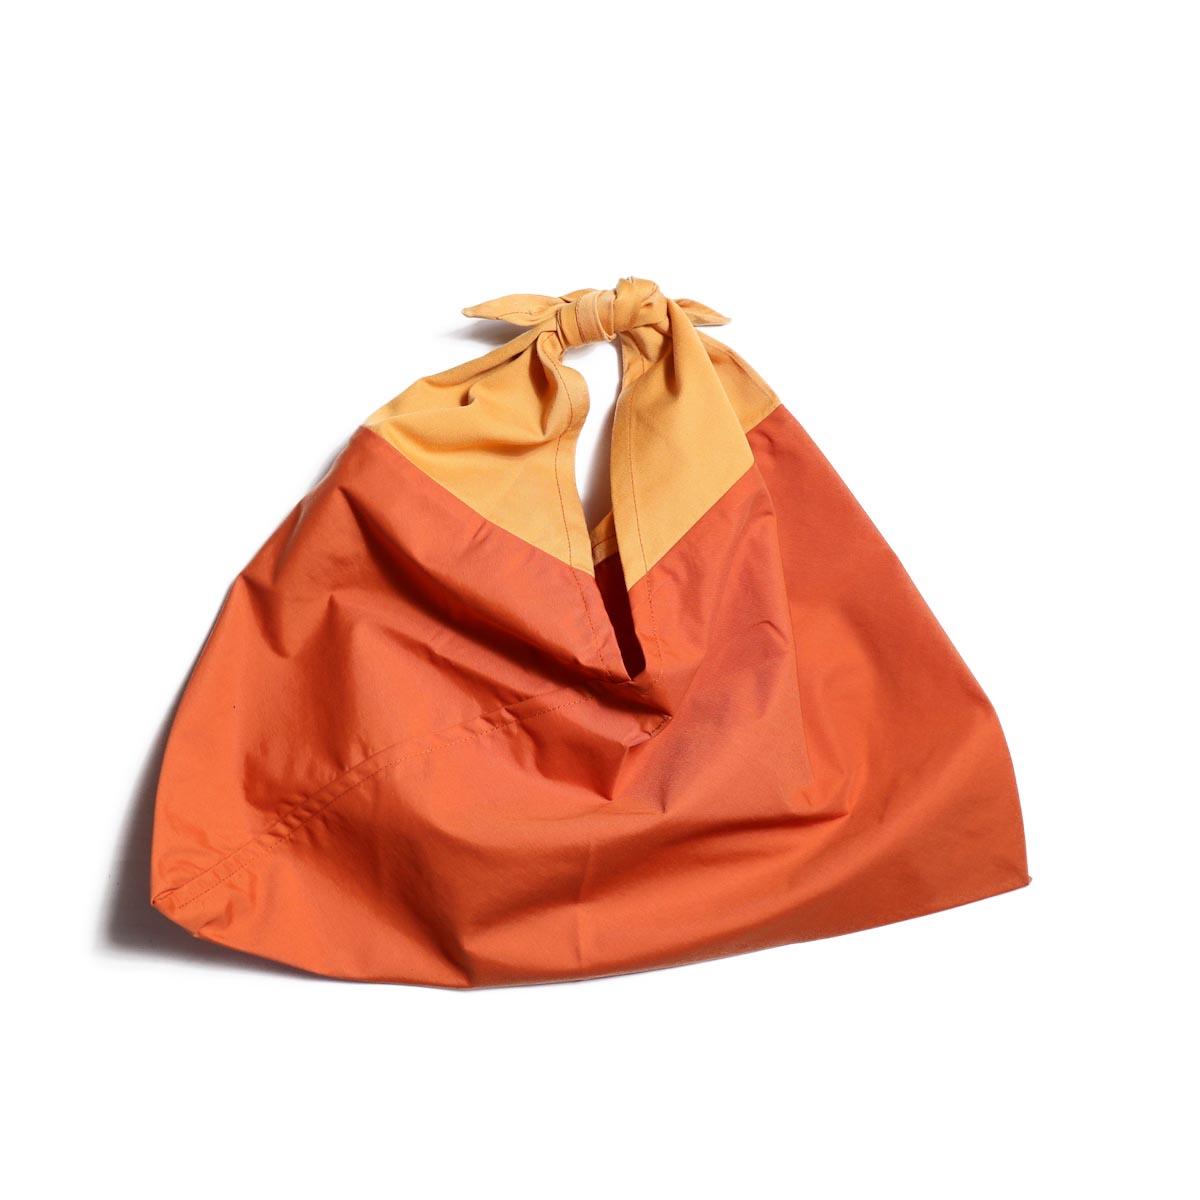 LIVING CONCEPT / AZUMA BAG (SMALL) -BLACK × GRAYLIVING CONCEPT / AZUMA BAG (SMALL) -ORANGE